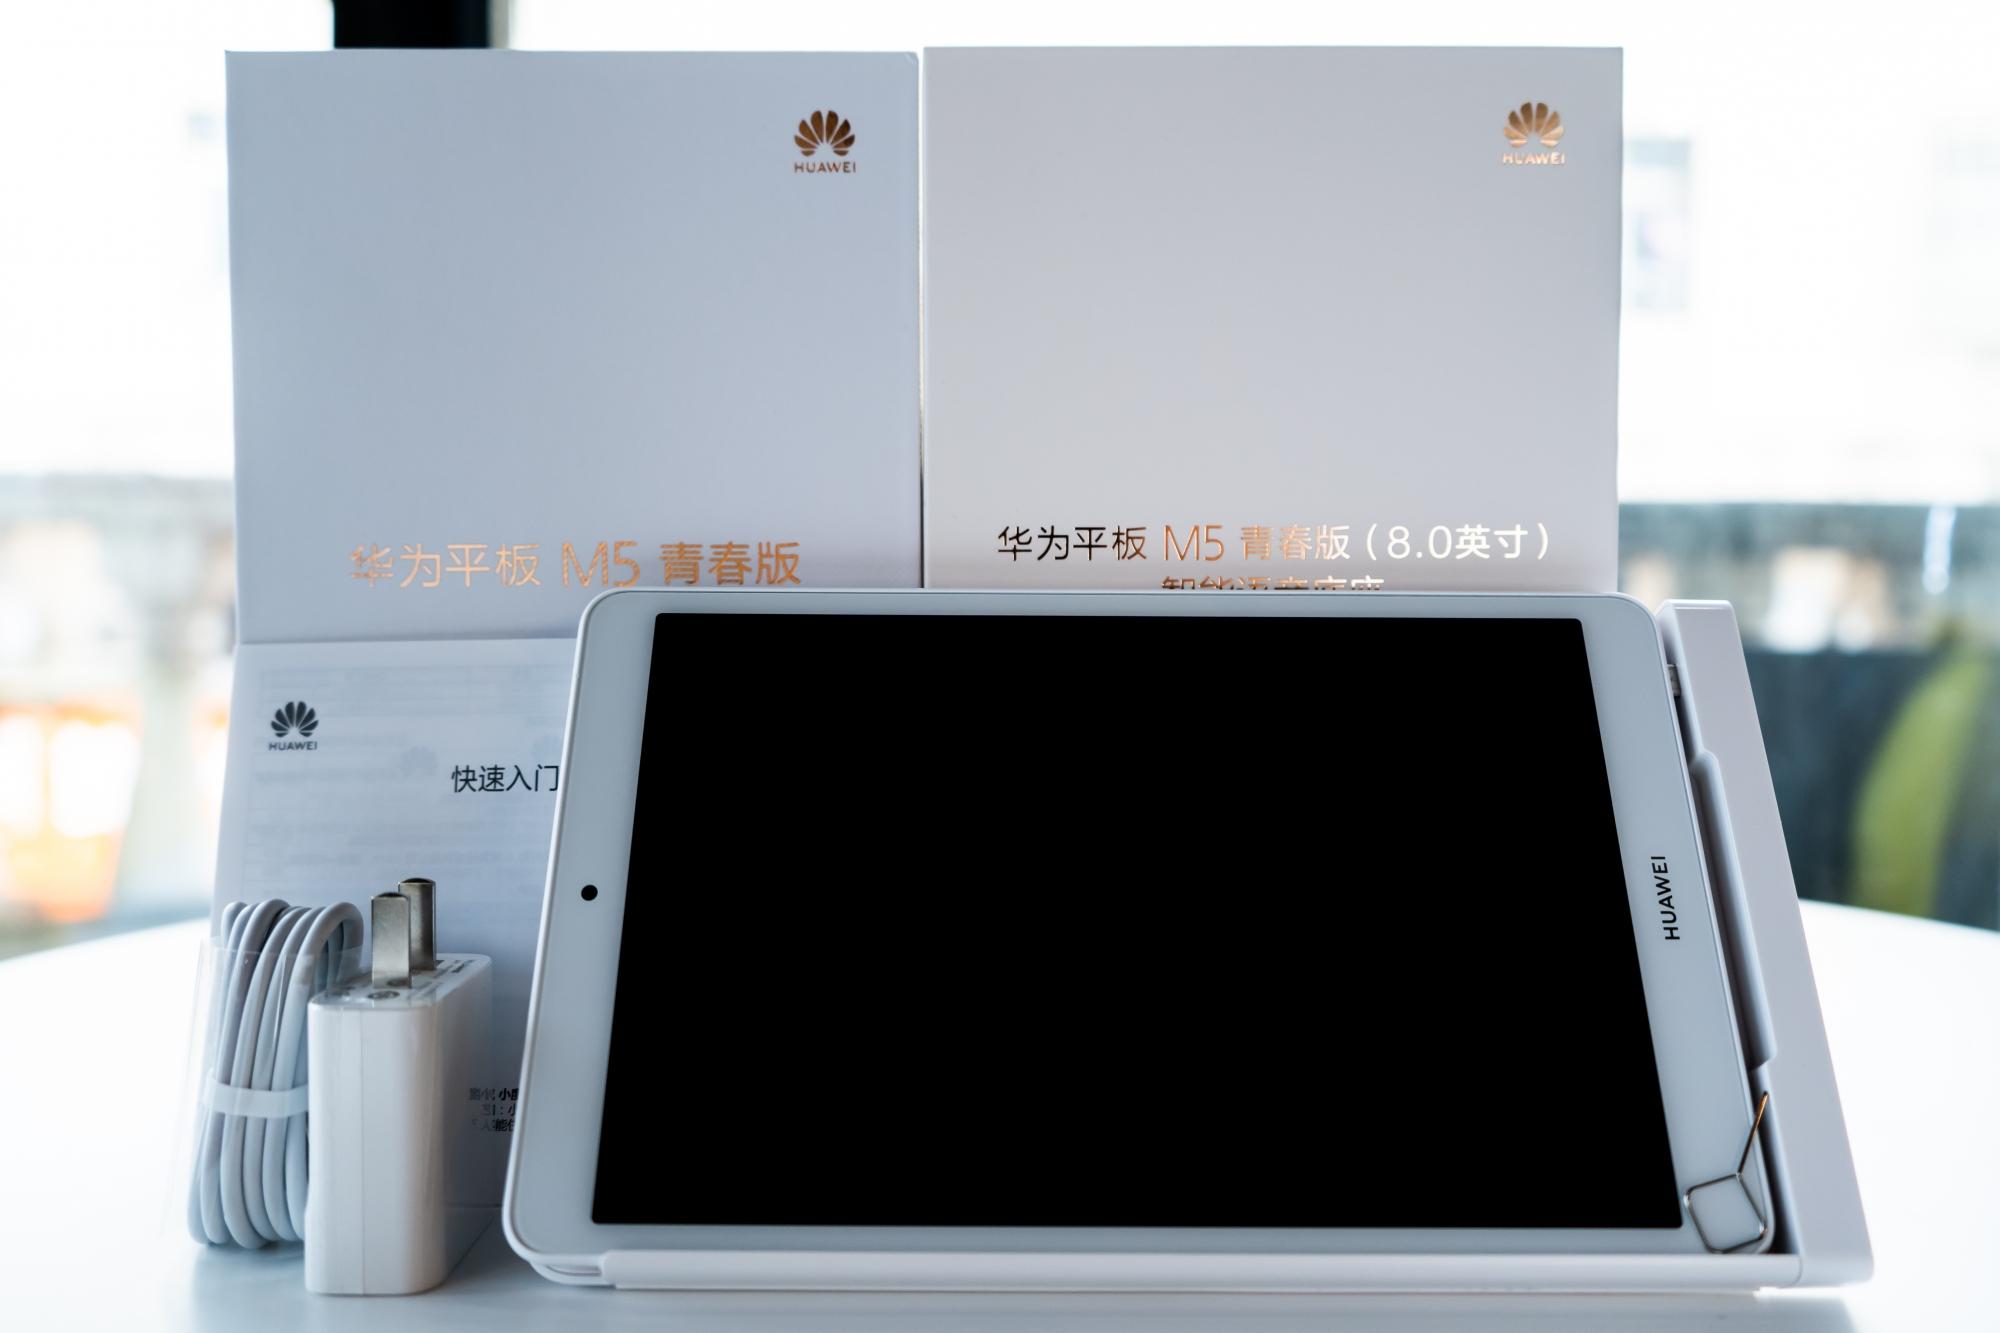 华为平板M5青春版8.0寸-00429.jpg